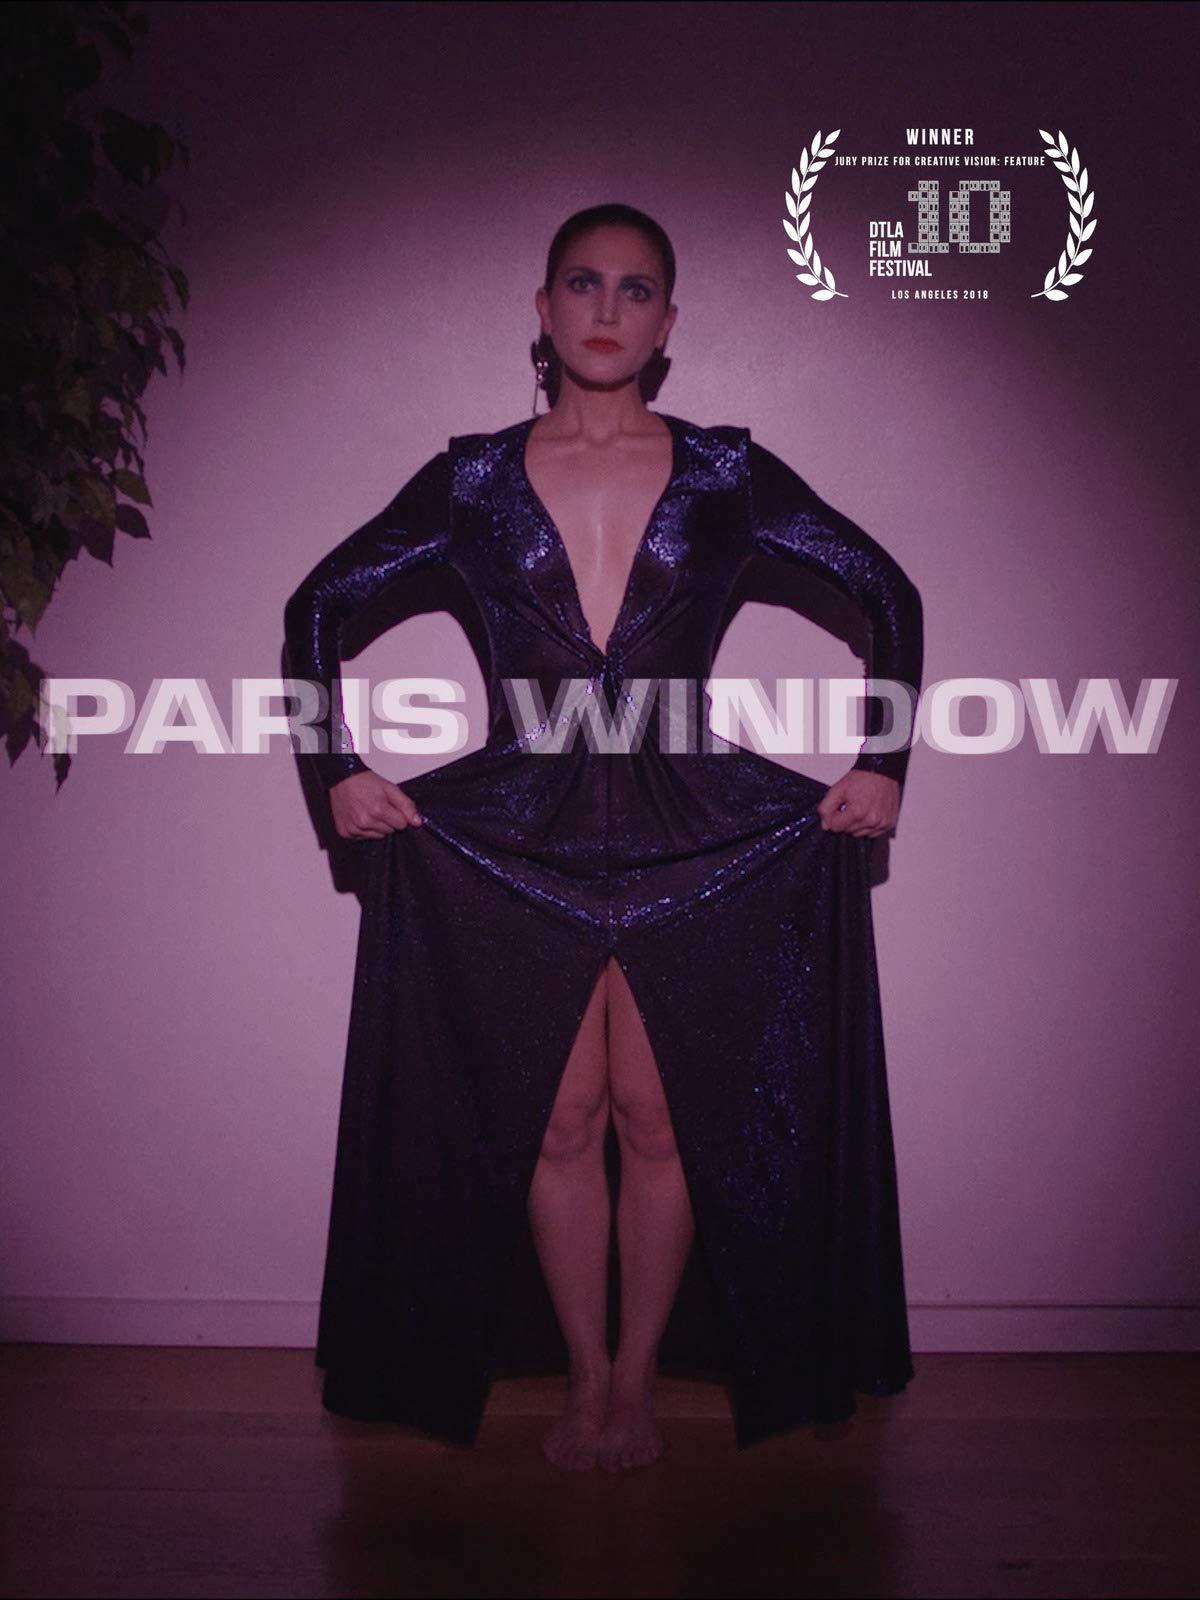 Paris Window on Amazon Prime Video UK